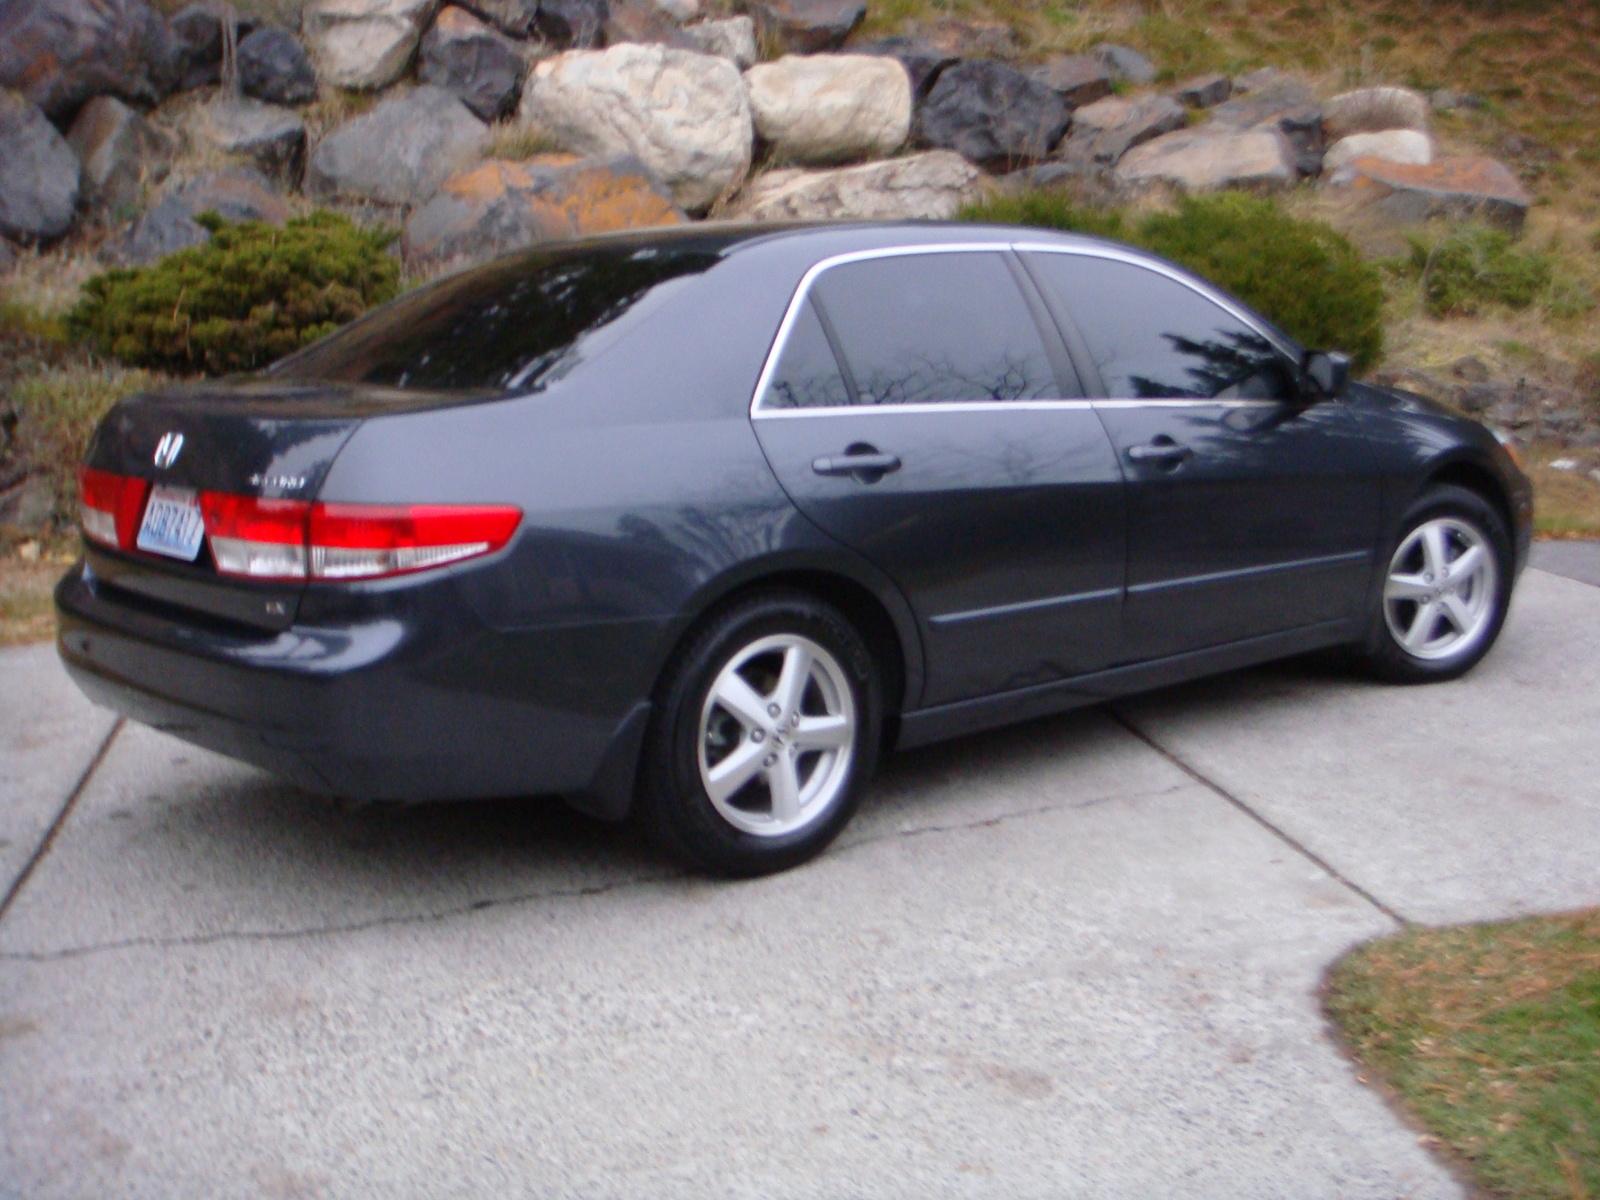 2004 Honda Accord Pictures Cargurus